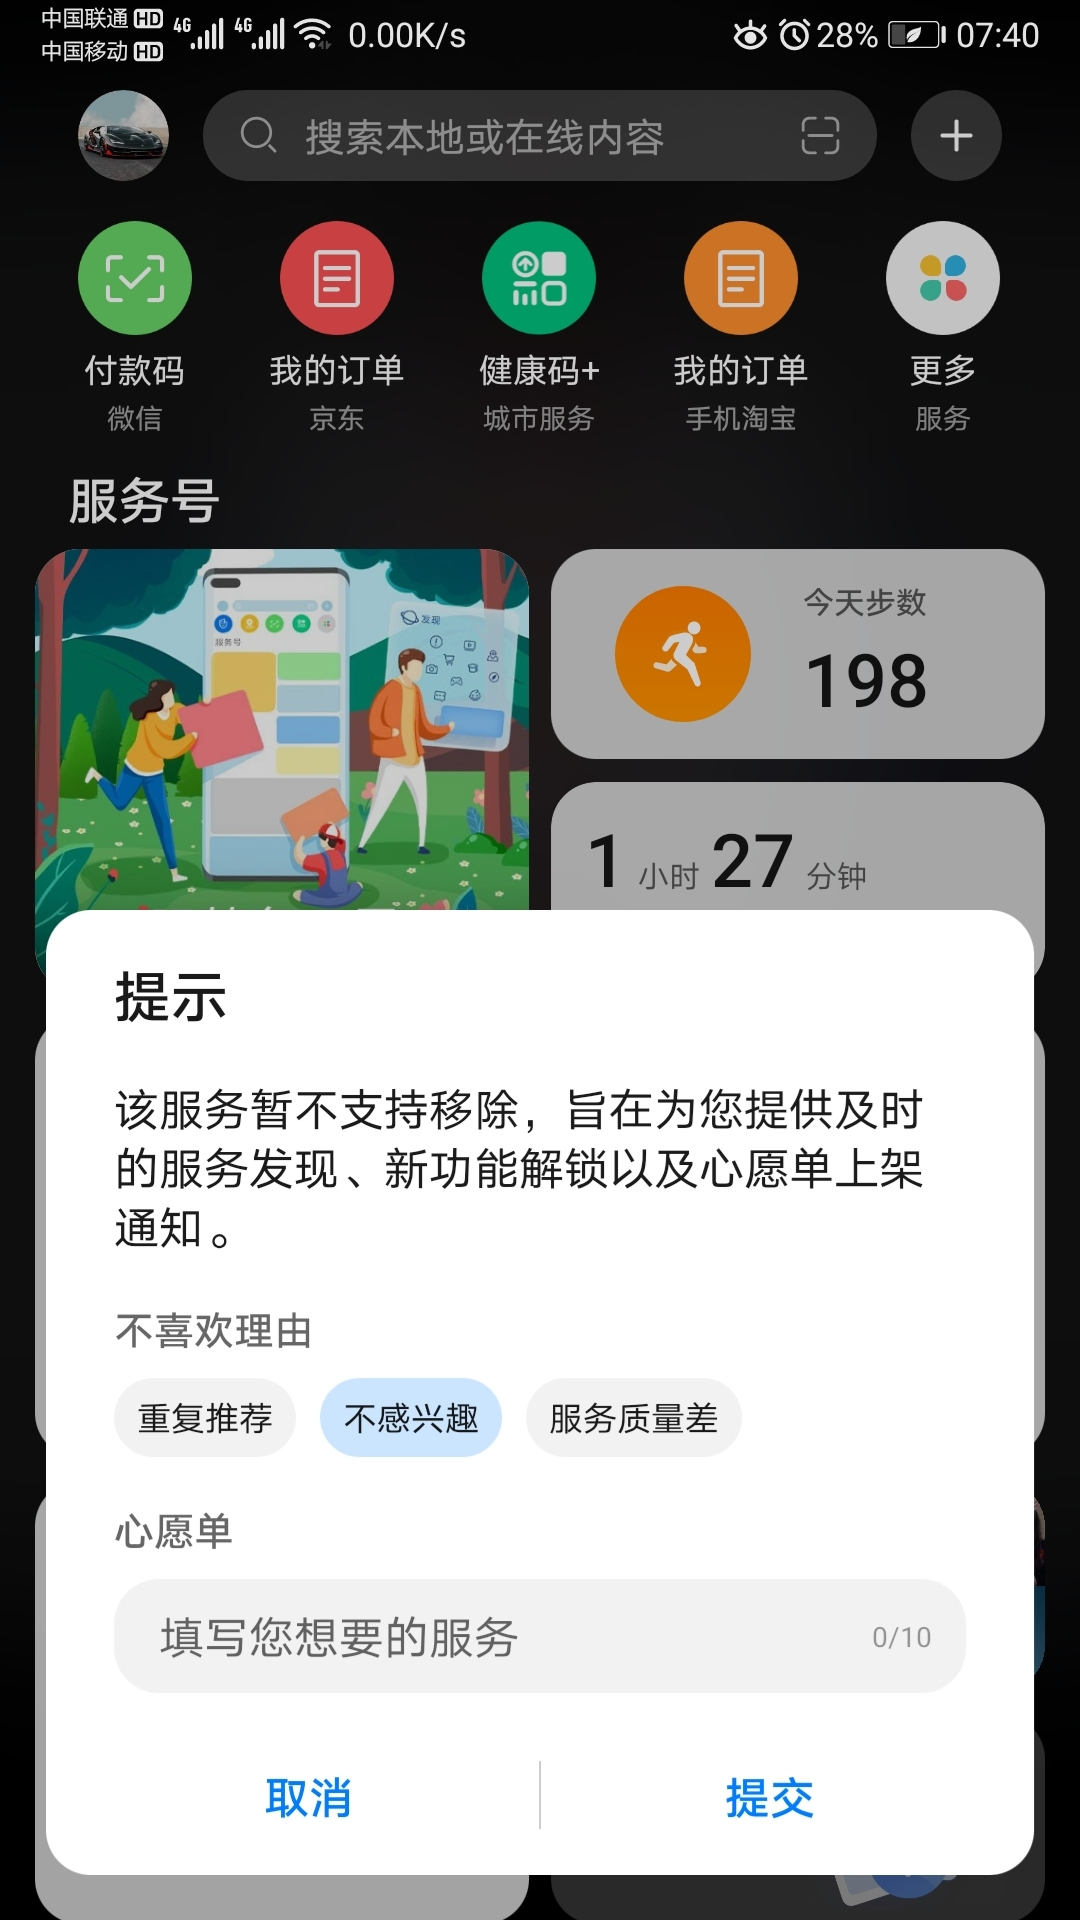 Screenshot_20210406_074042_com.huawei.android.launcher.jpg